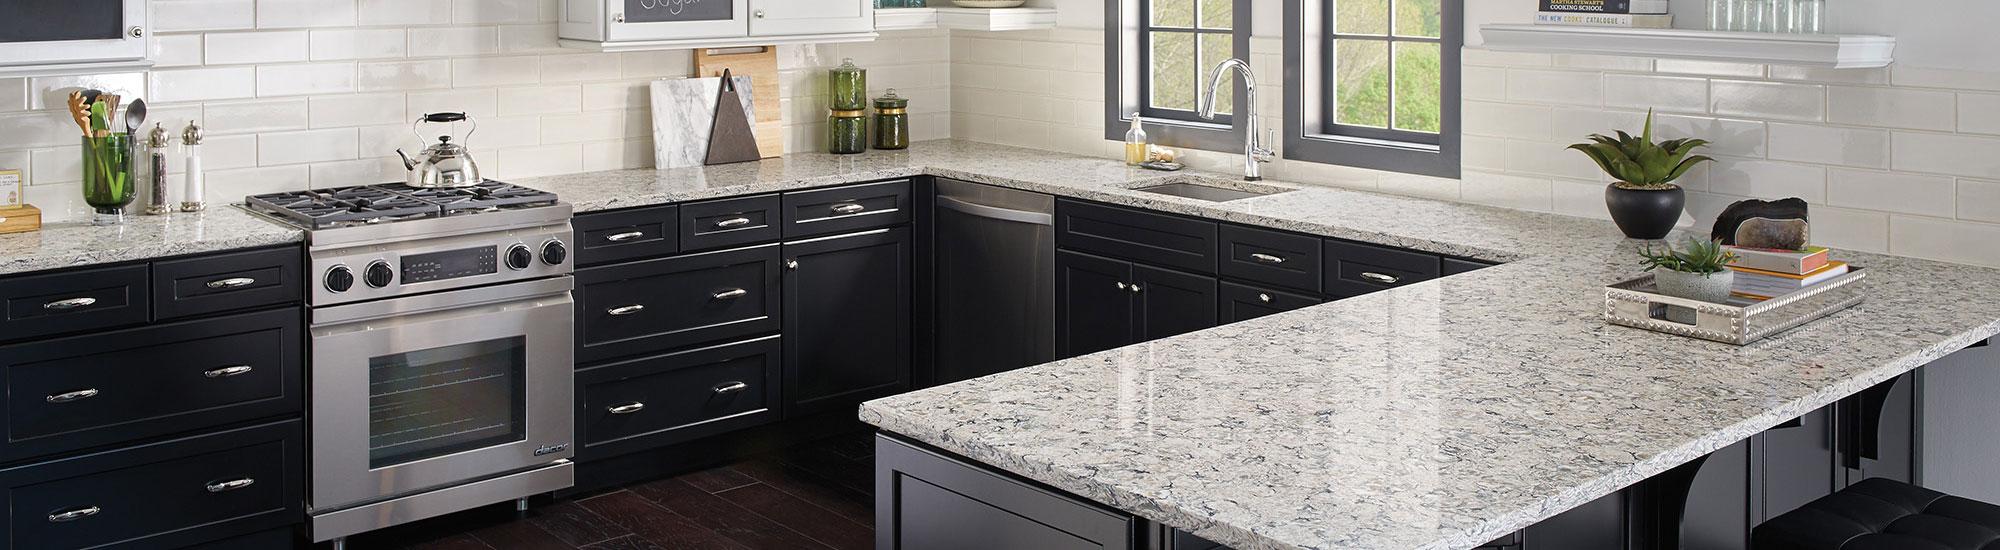 Granite Countertops | Keystone Granite Oregon